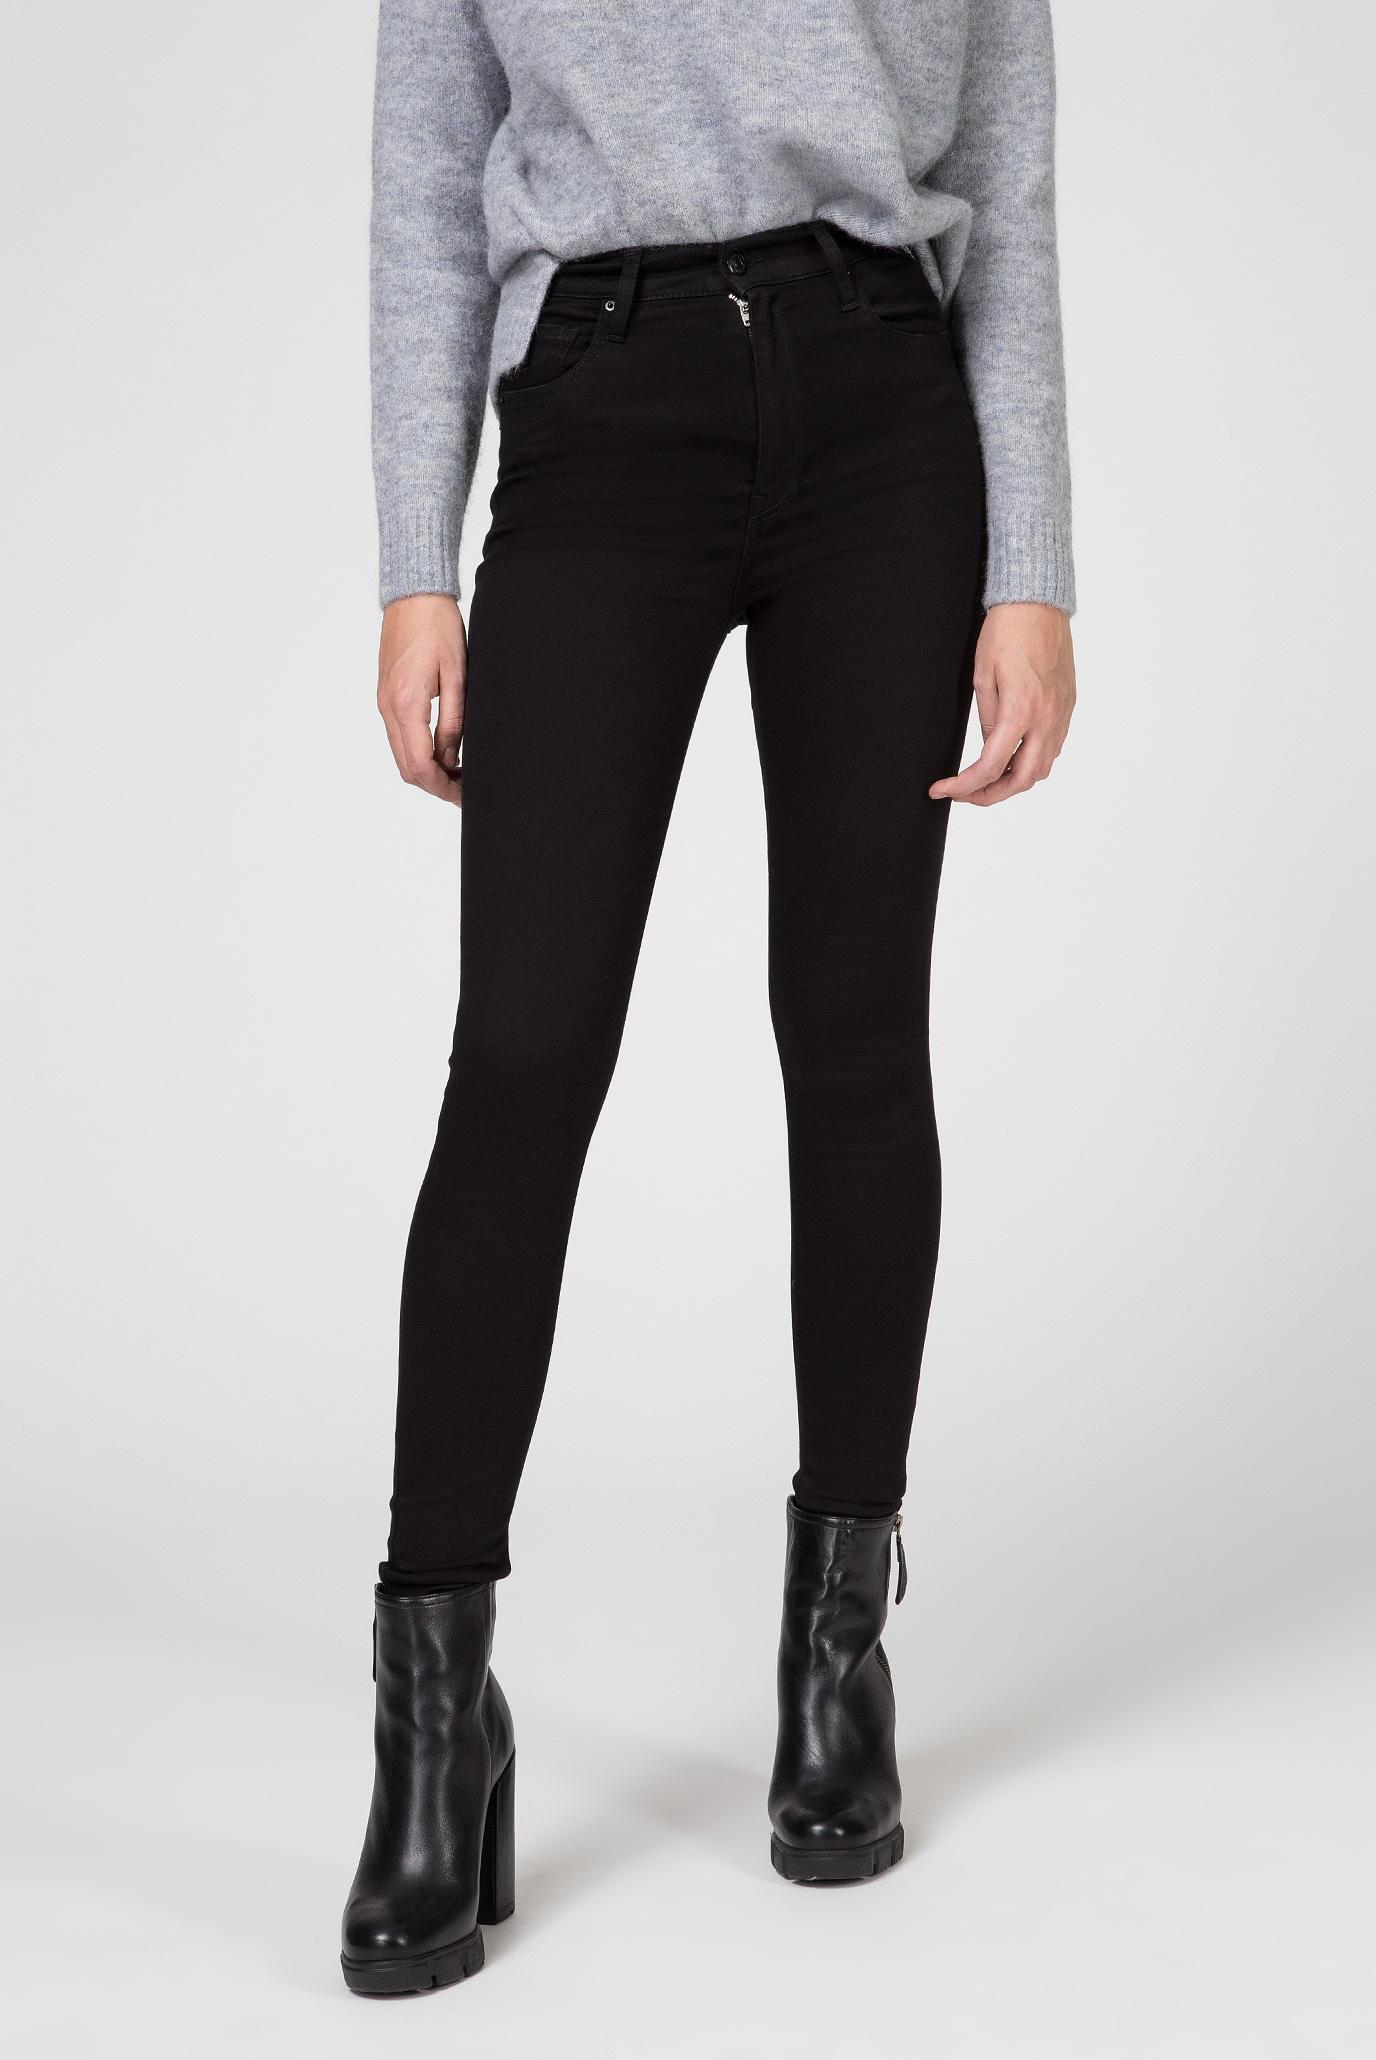 Жіночі чорні джинси LEYLA 1